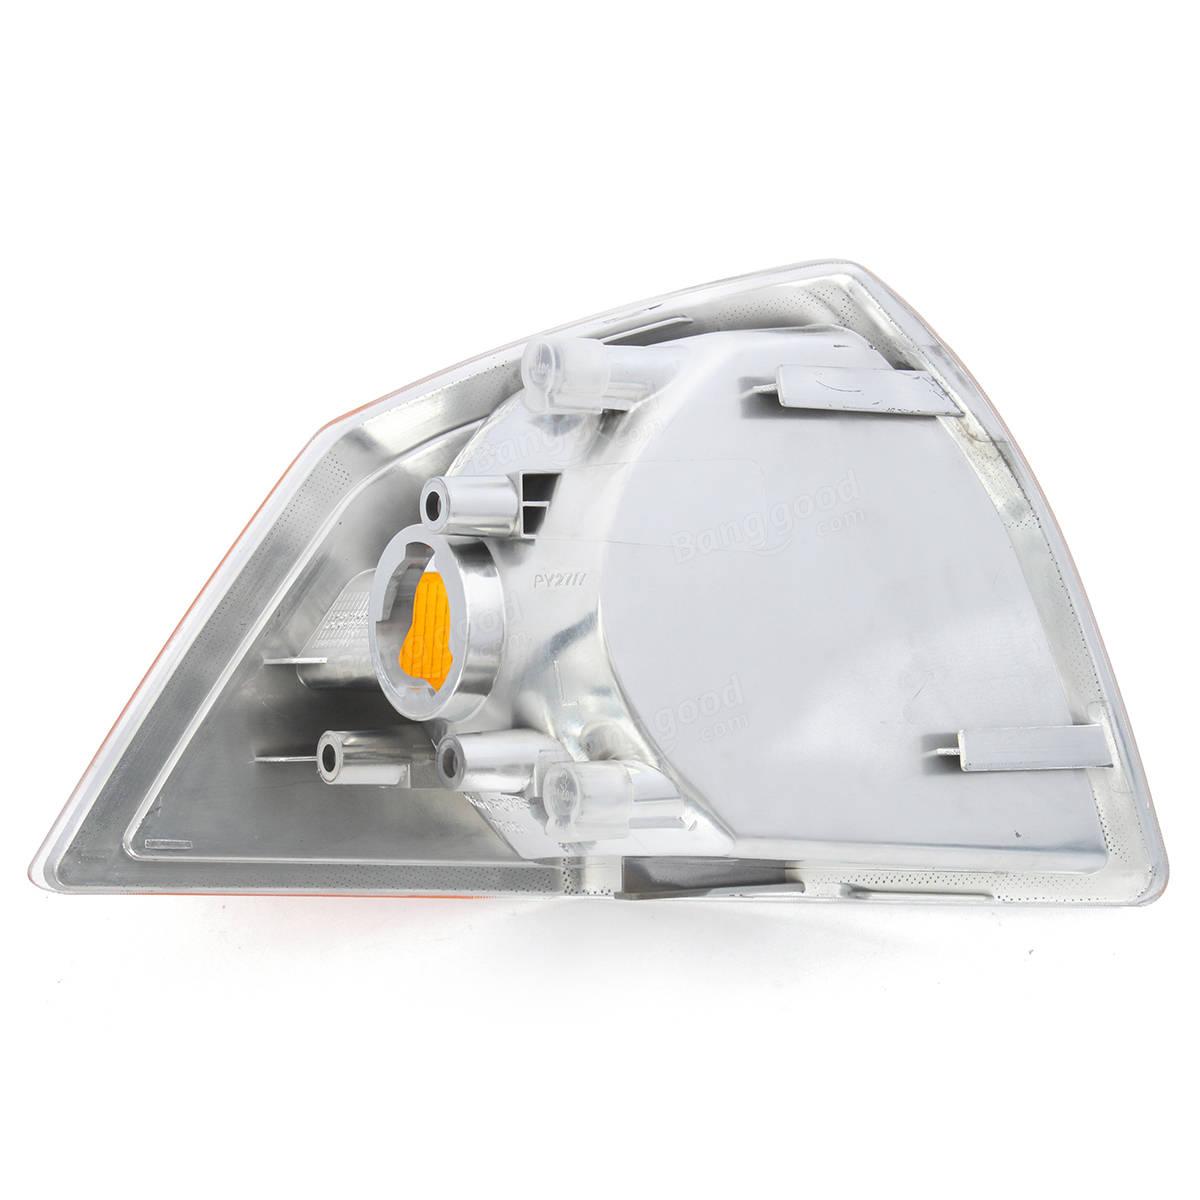 ジープコンパス用左サイドマーカーパーキングターンシグナルコーナーライト07-10